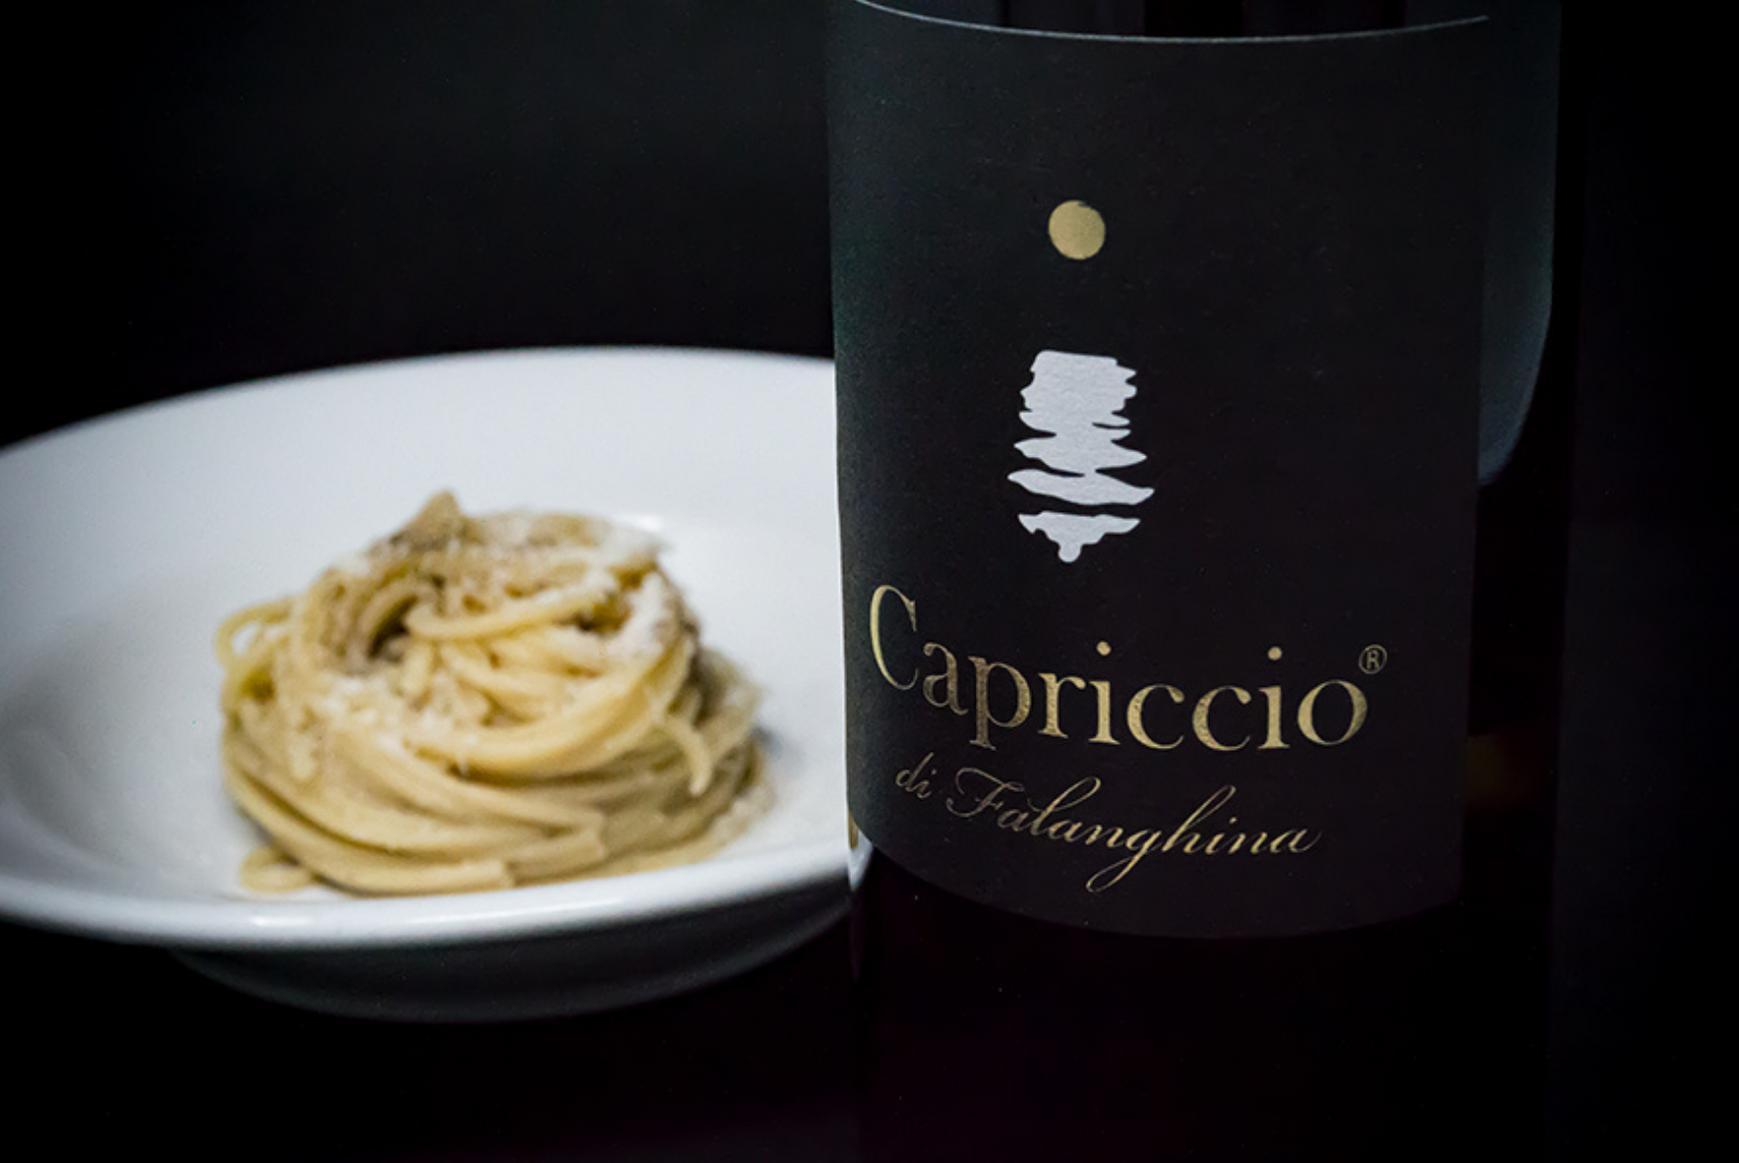 """Il """"Capriccio di Falanghina"""": il vino giusto per gli spaghetti cacio e pepe 🍝"""